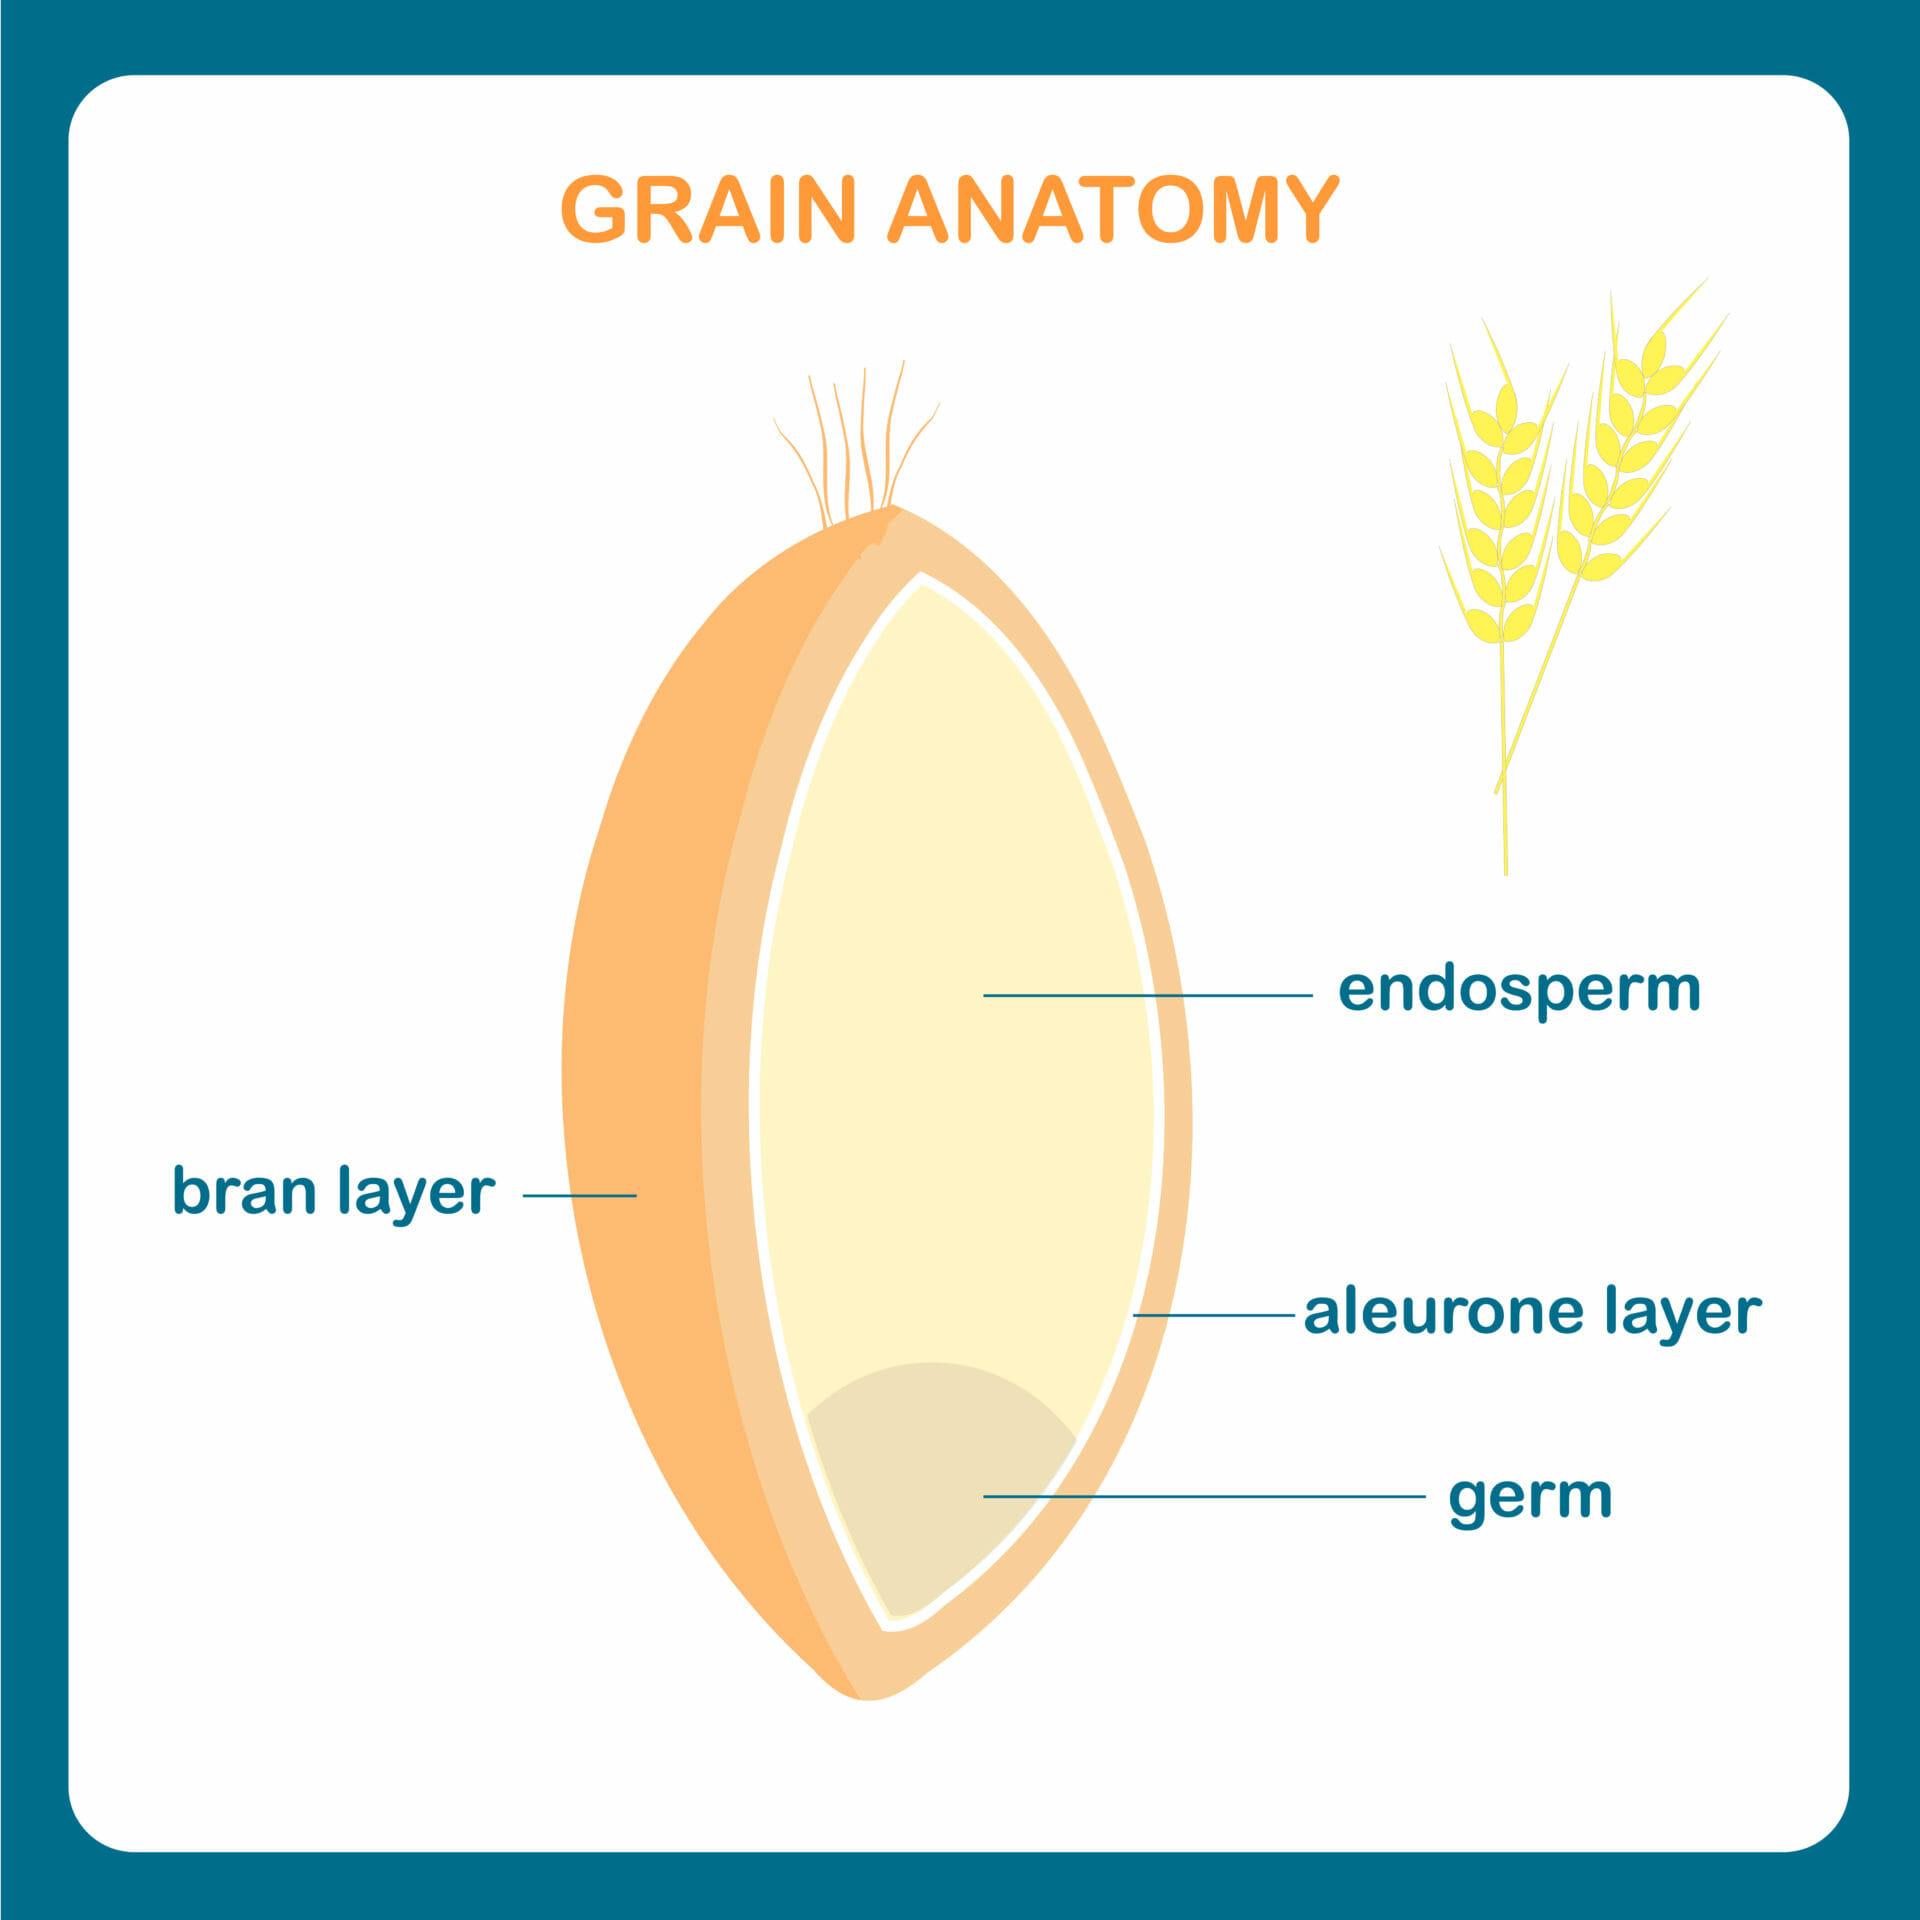 Grain anatomy scheme. Wreath grain, endosperm, bran layer, aleurone layer, germ.